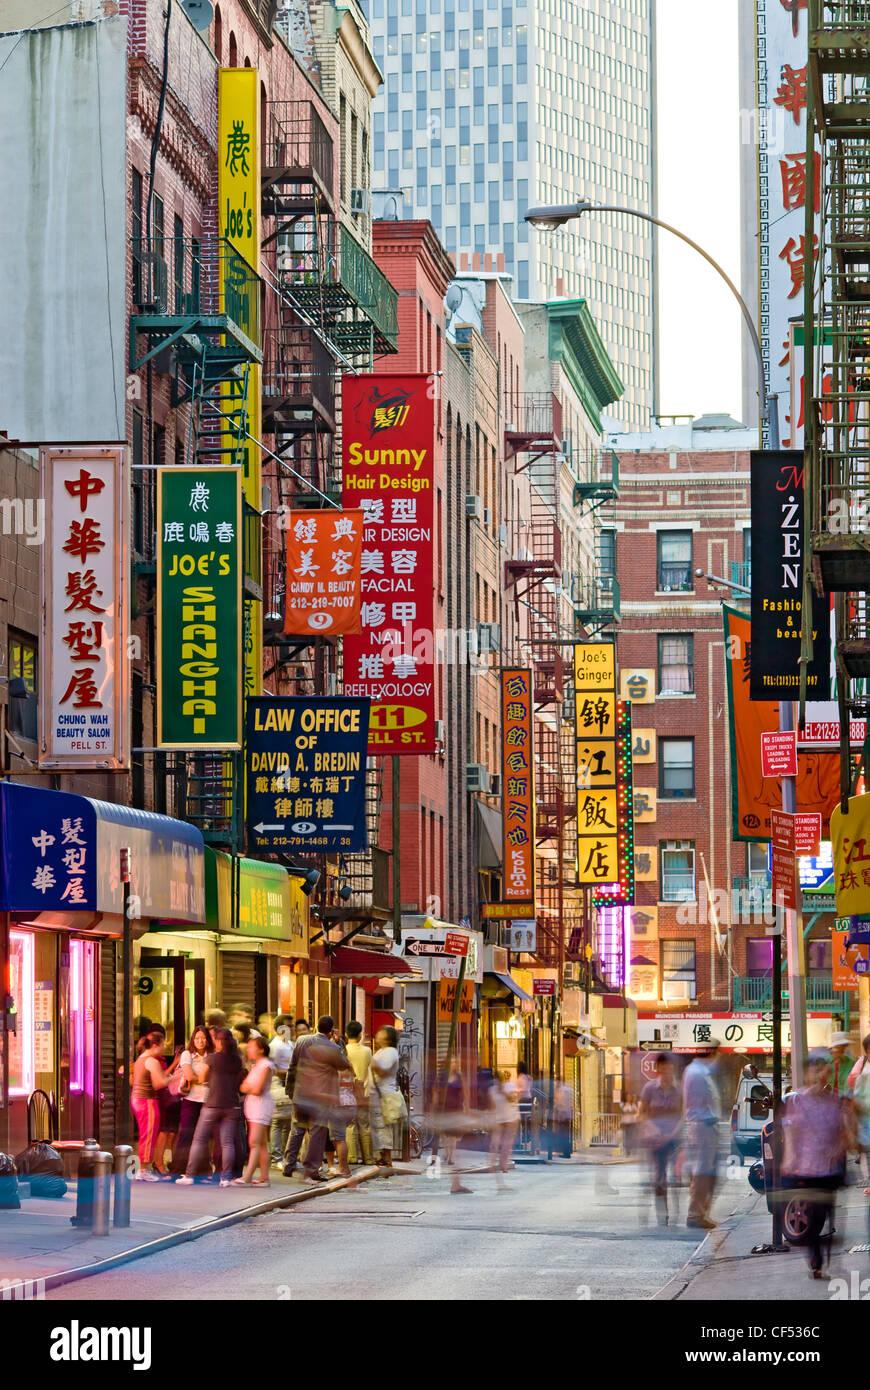 Chinatown Restaurant Neon Sign In Stockfotos & Chinatown Restaurant ...